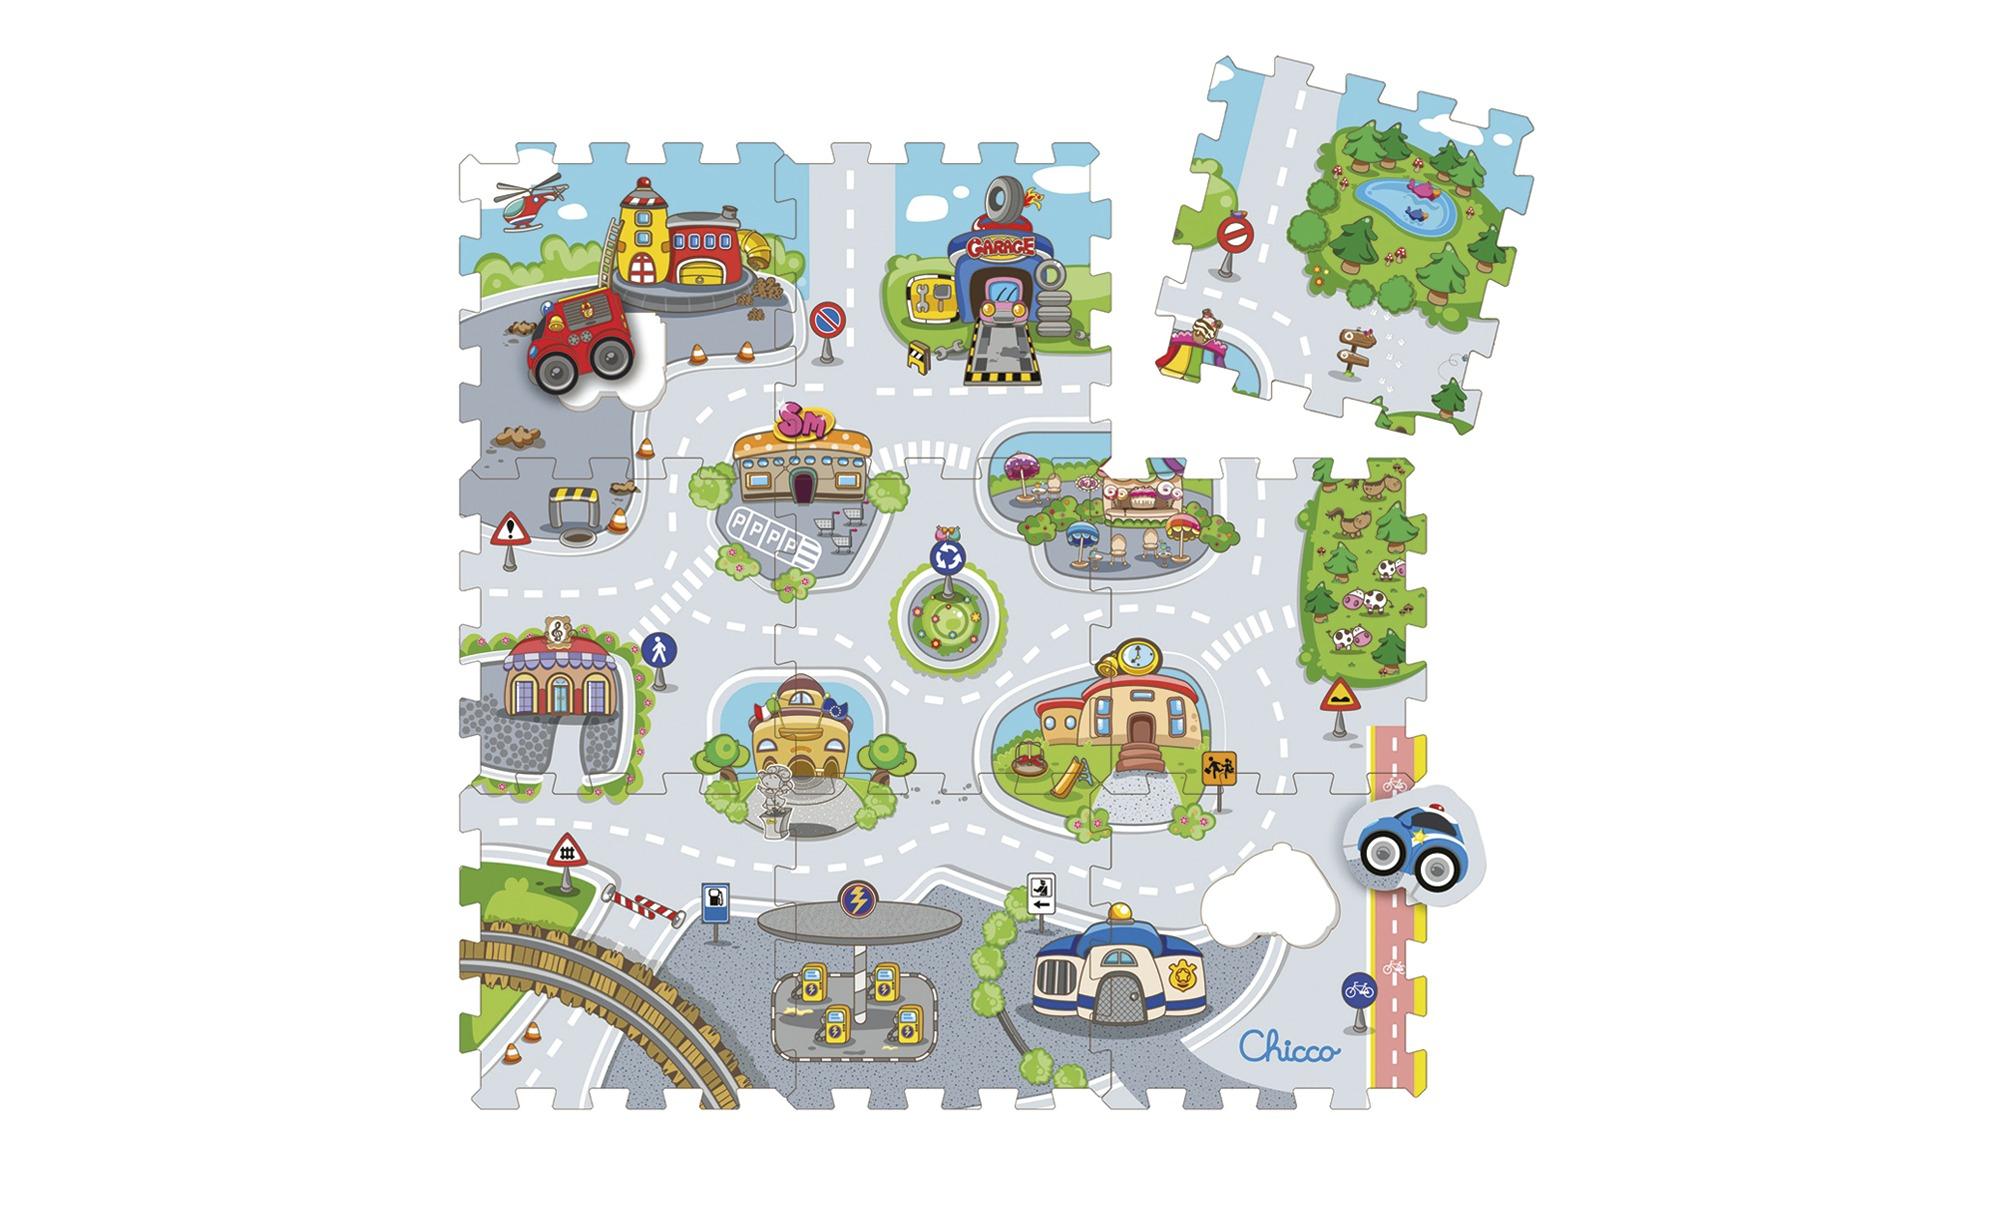 Chicco Puzzelmatte  City ¦ mehrfarbig ¦ PE -Schaumstoff , Oberfläche: Siebdruckschicht  ¦ Maße (cm): B: 93 H: 1 Teppiche > Kinderteppiche - Höffner | Kinderzimmer > Textilien für Kinder > Kinderteppiche | Möbel Höffner DE